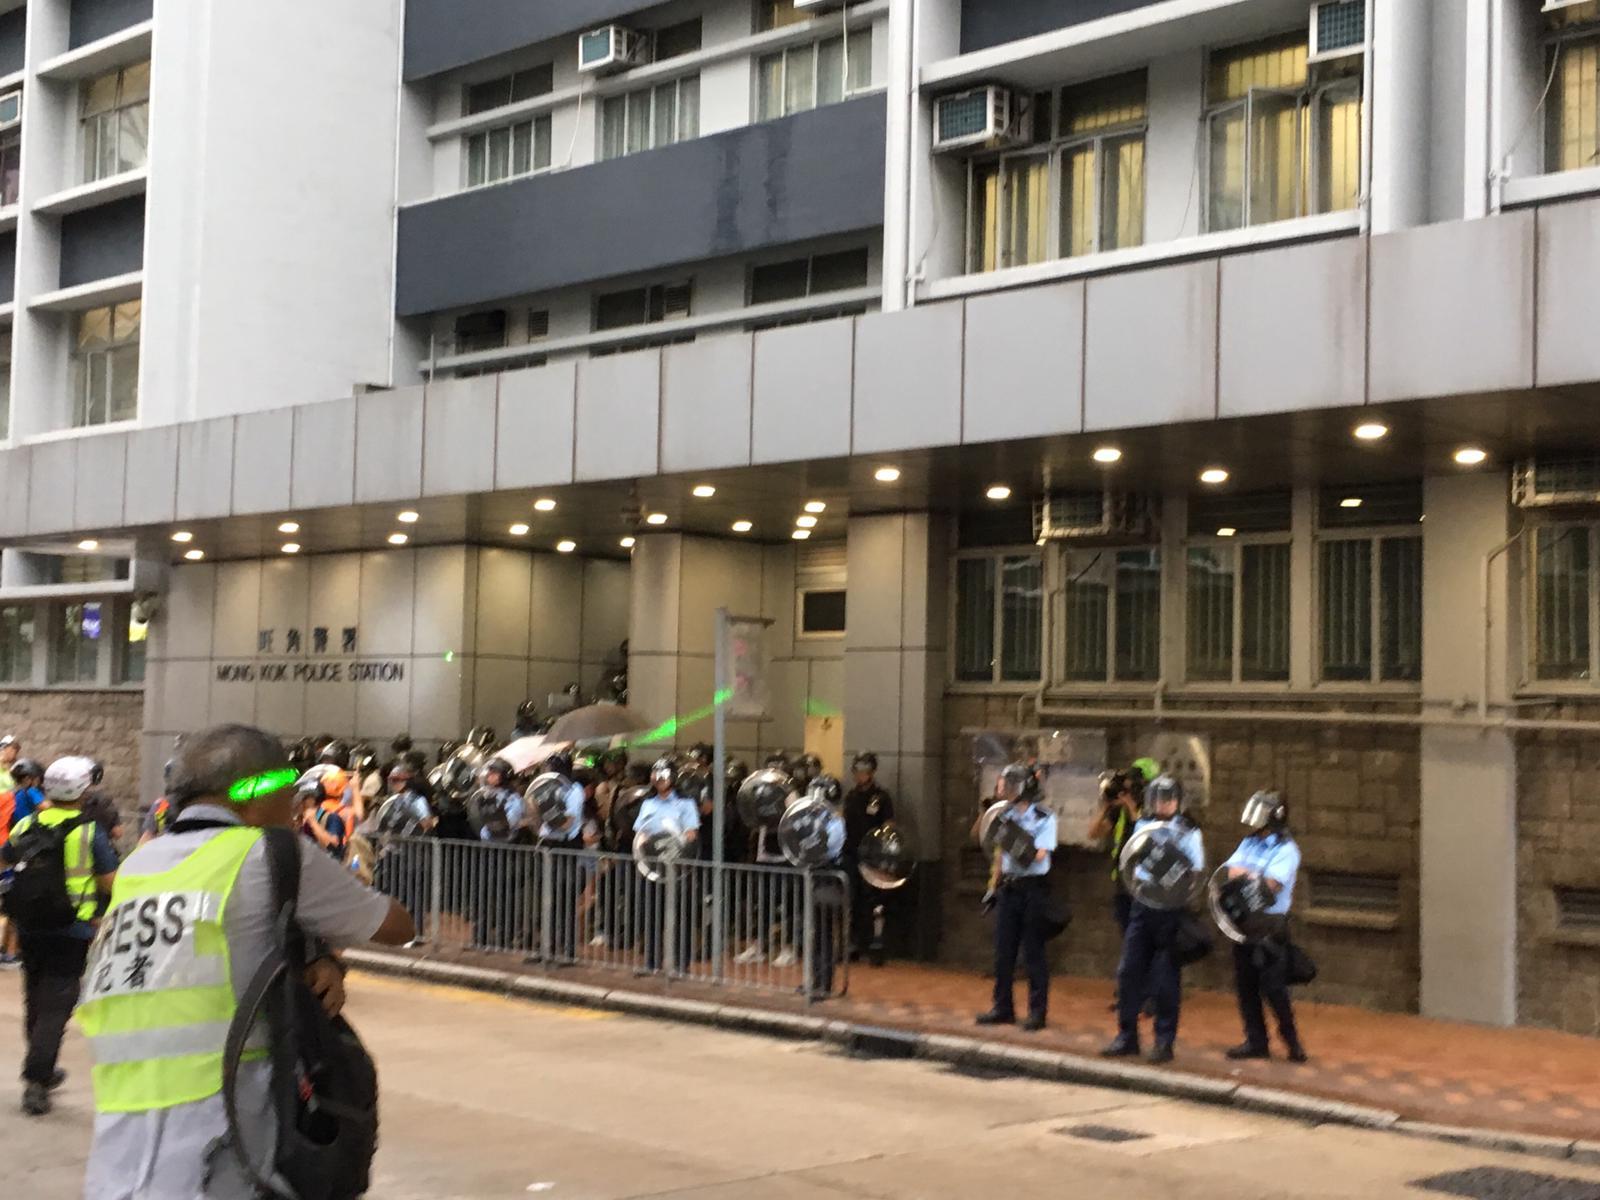 示威者抵達旺角警署外 防暴警察戒備